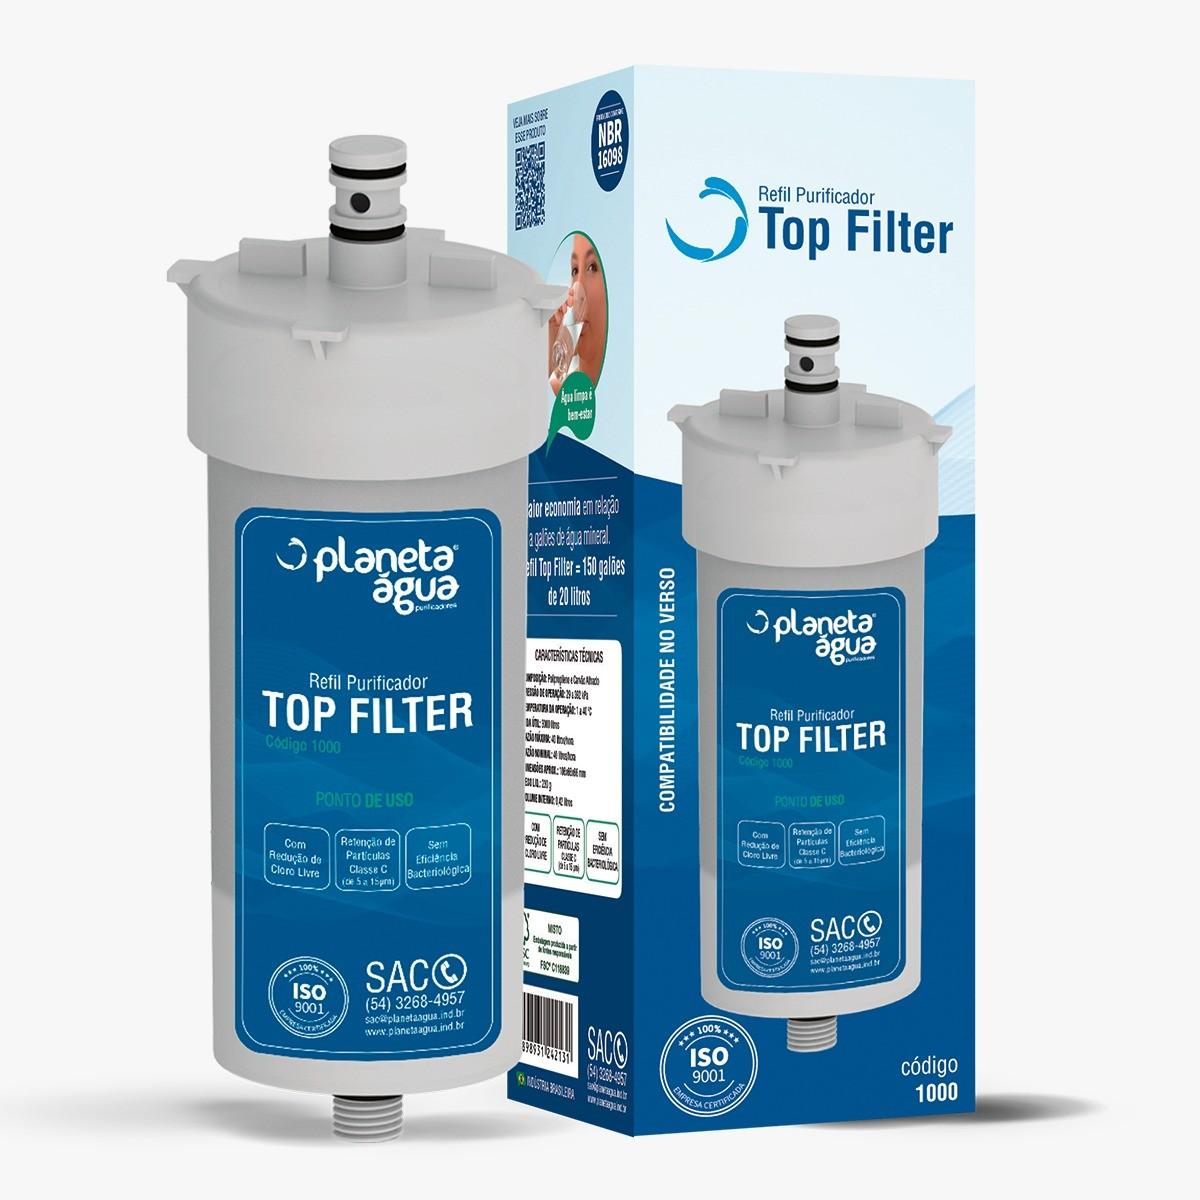 Refil TOP FILTER para purificadores Filter Planeta Água, Durin H2O, Impac Cristal, Mallory e Mondial - Similar